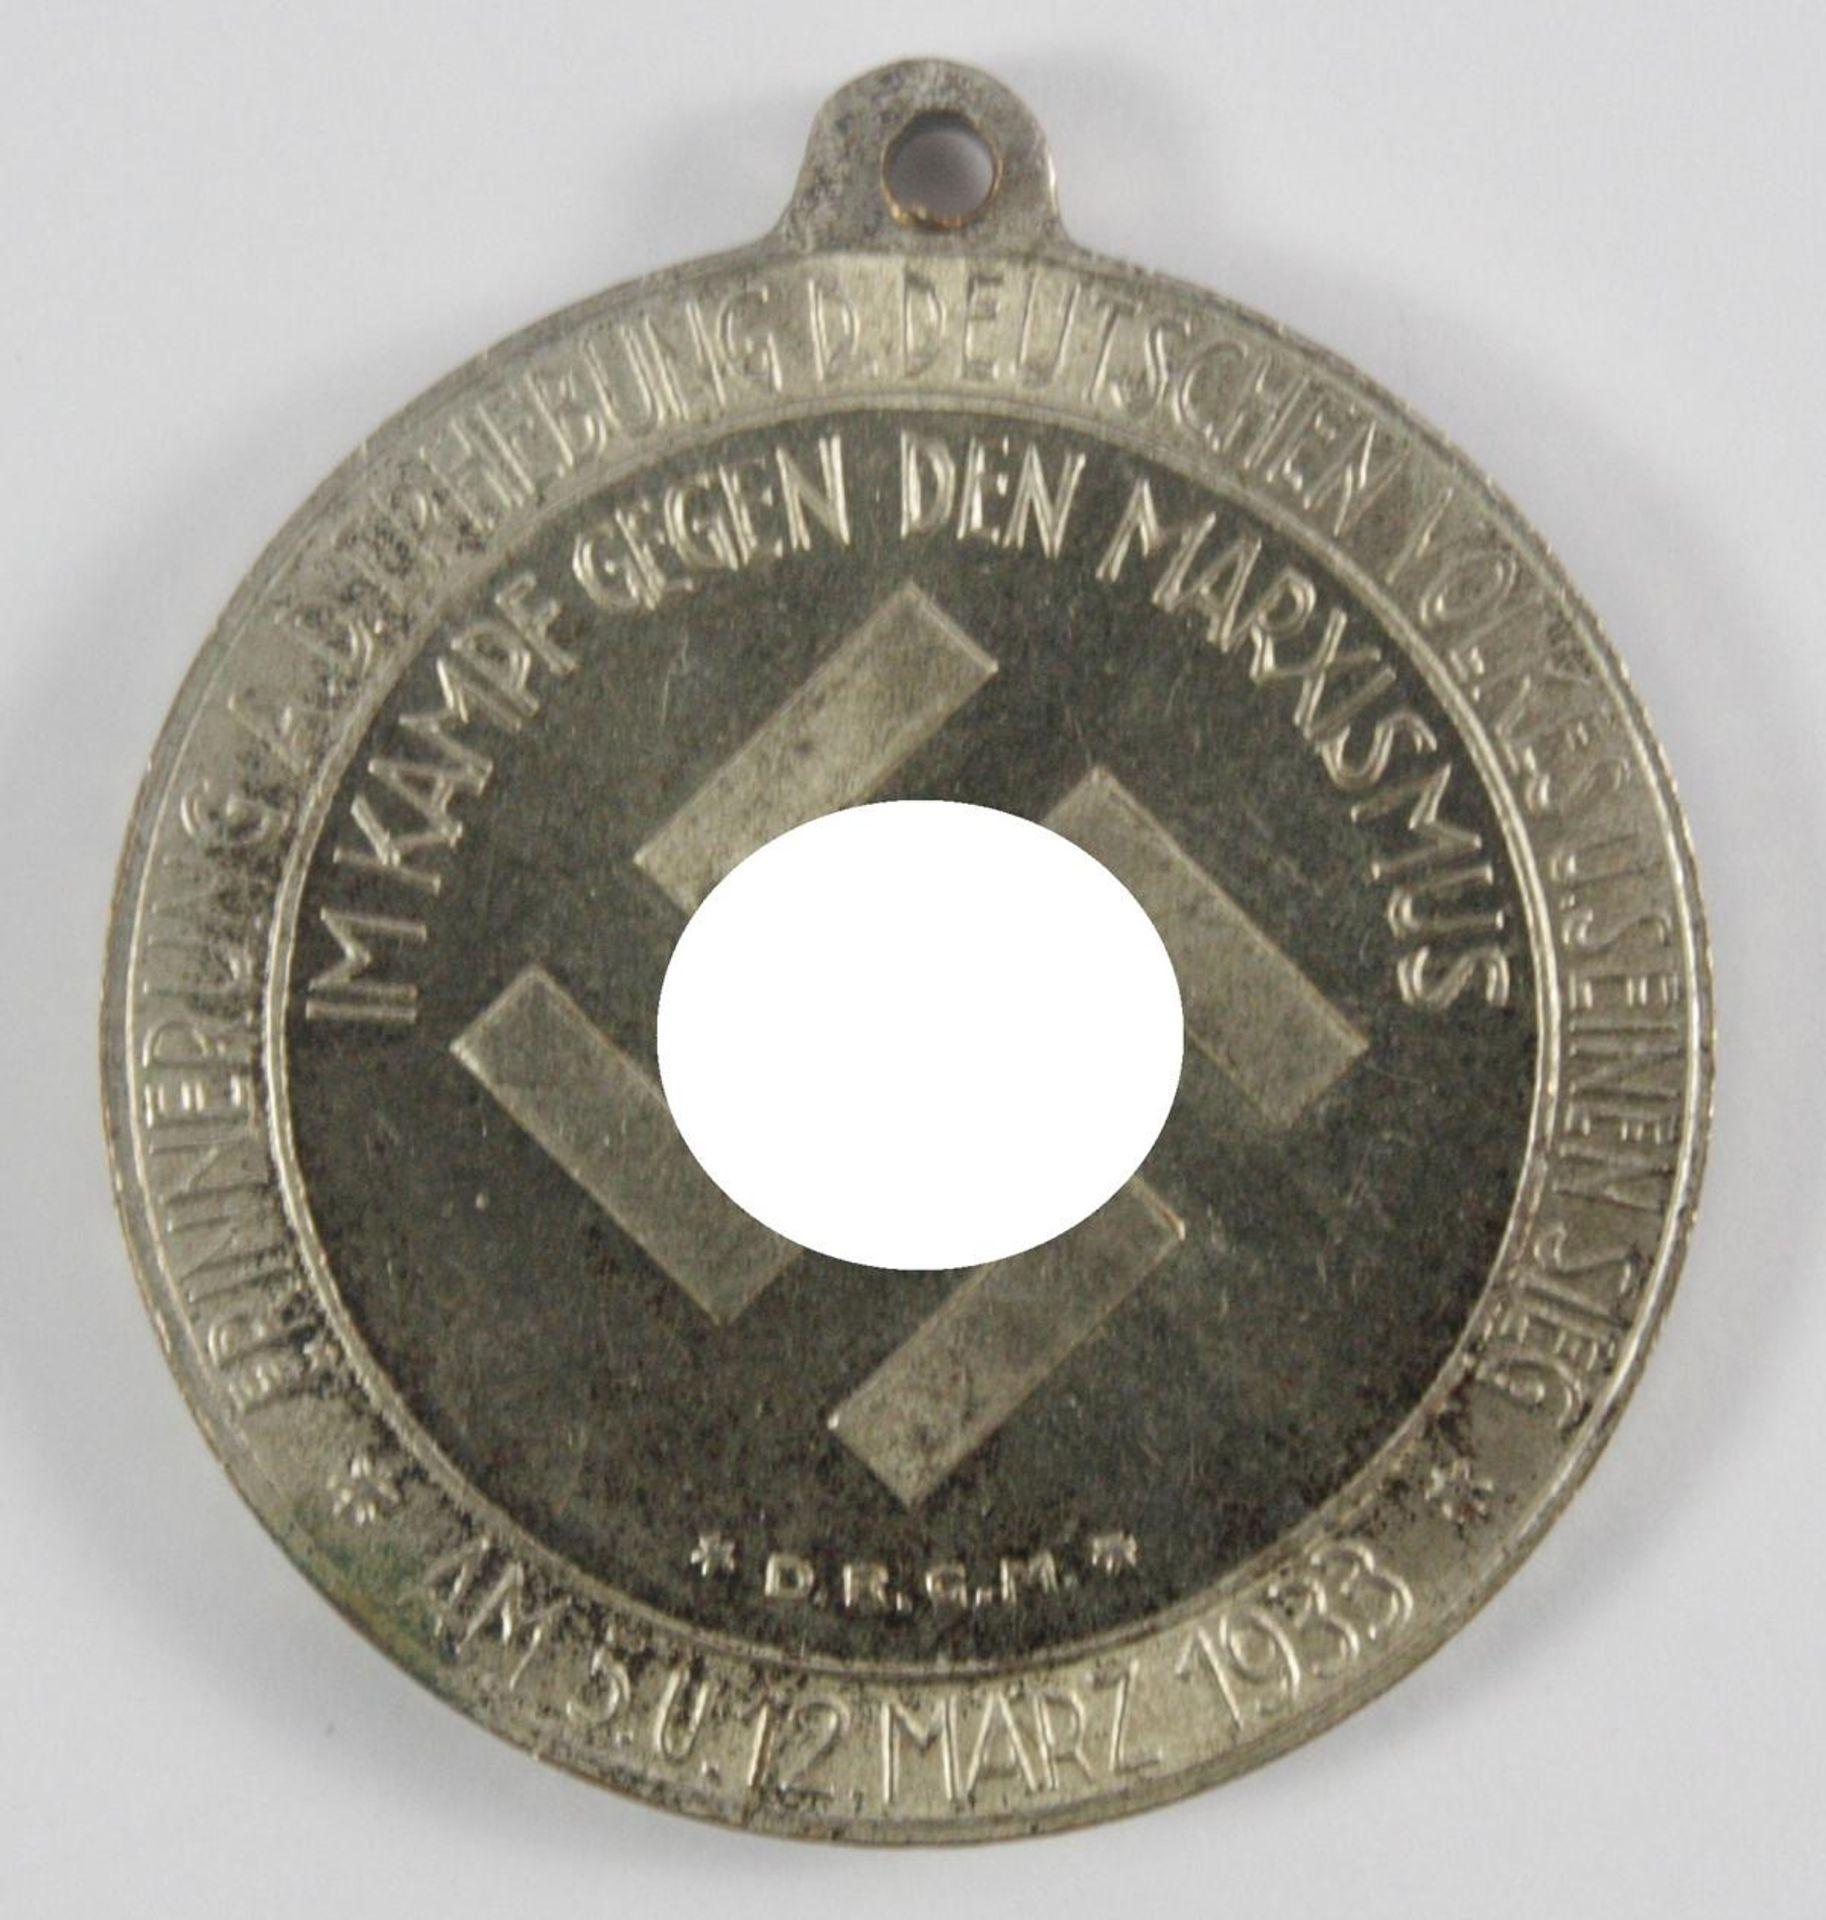 Medaille: Deutsche Nationale Erhebung 1933 - Bild 2 aus 2